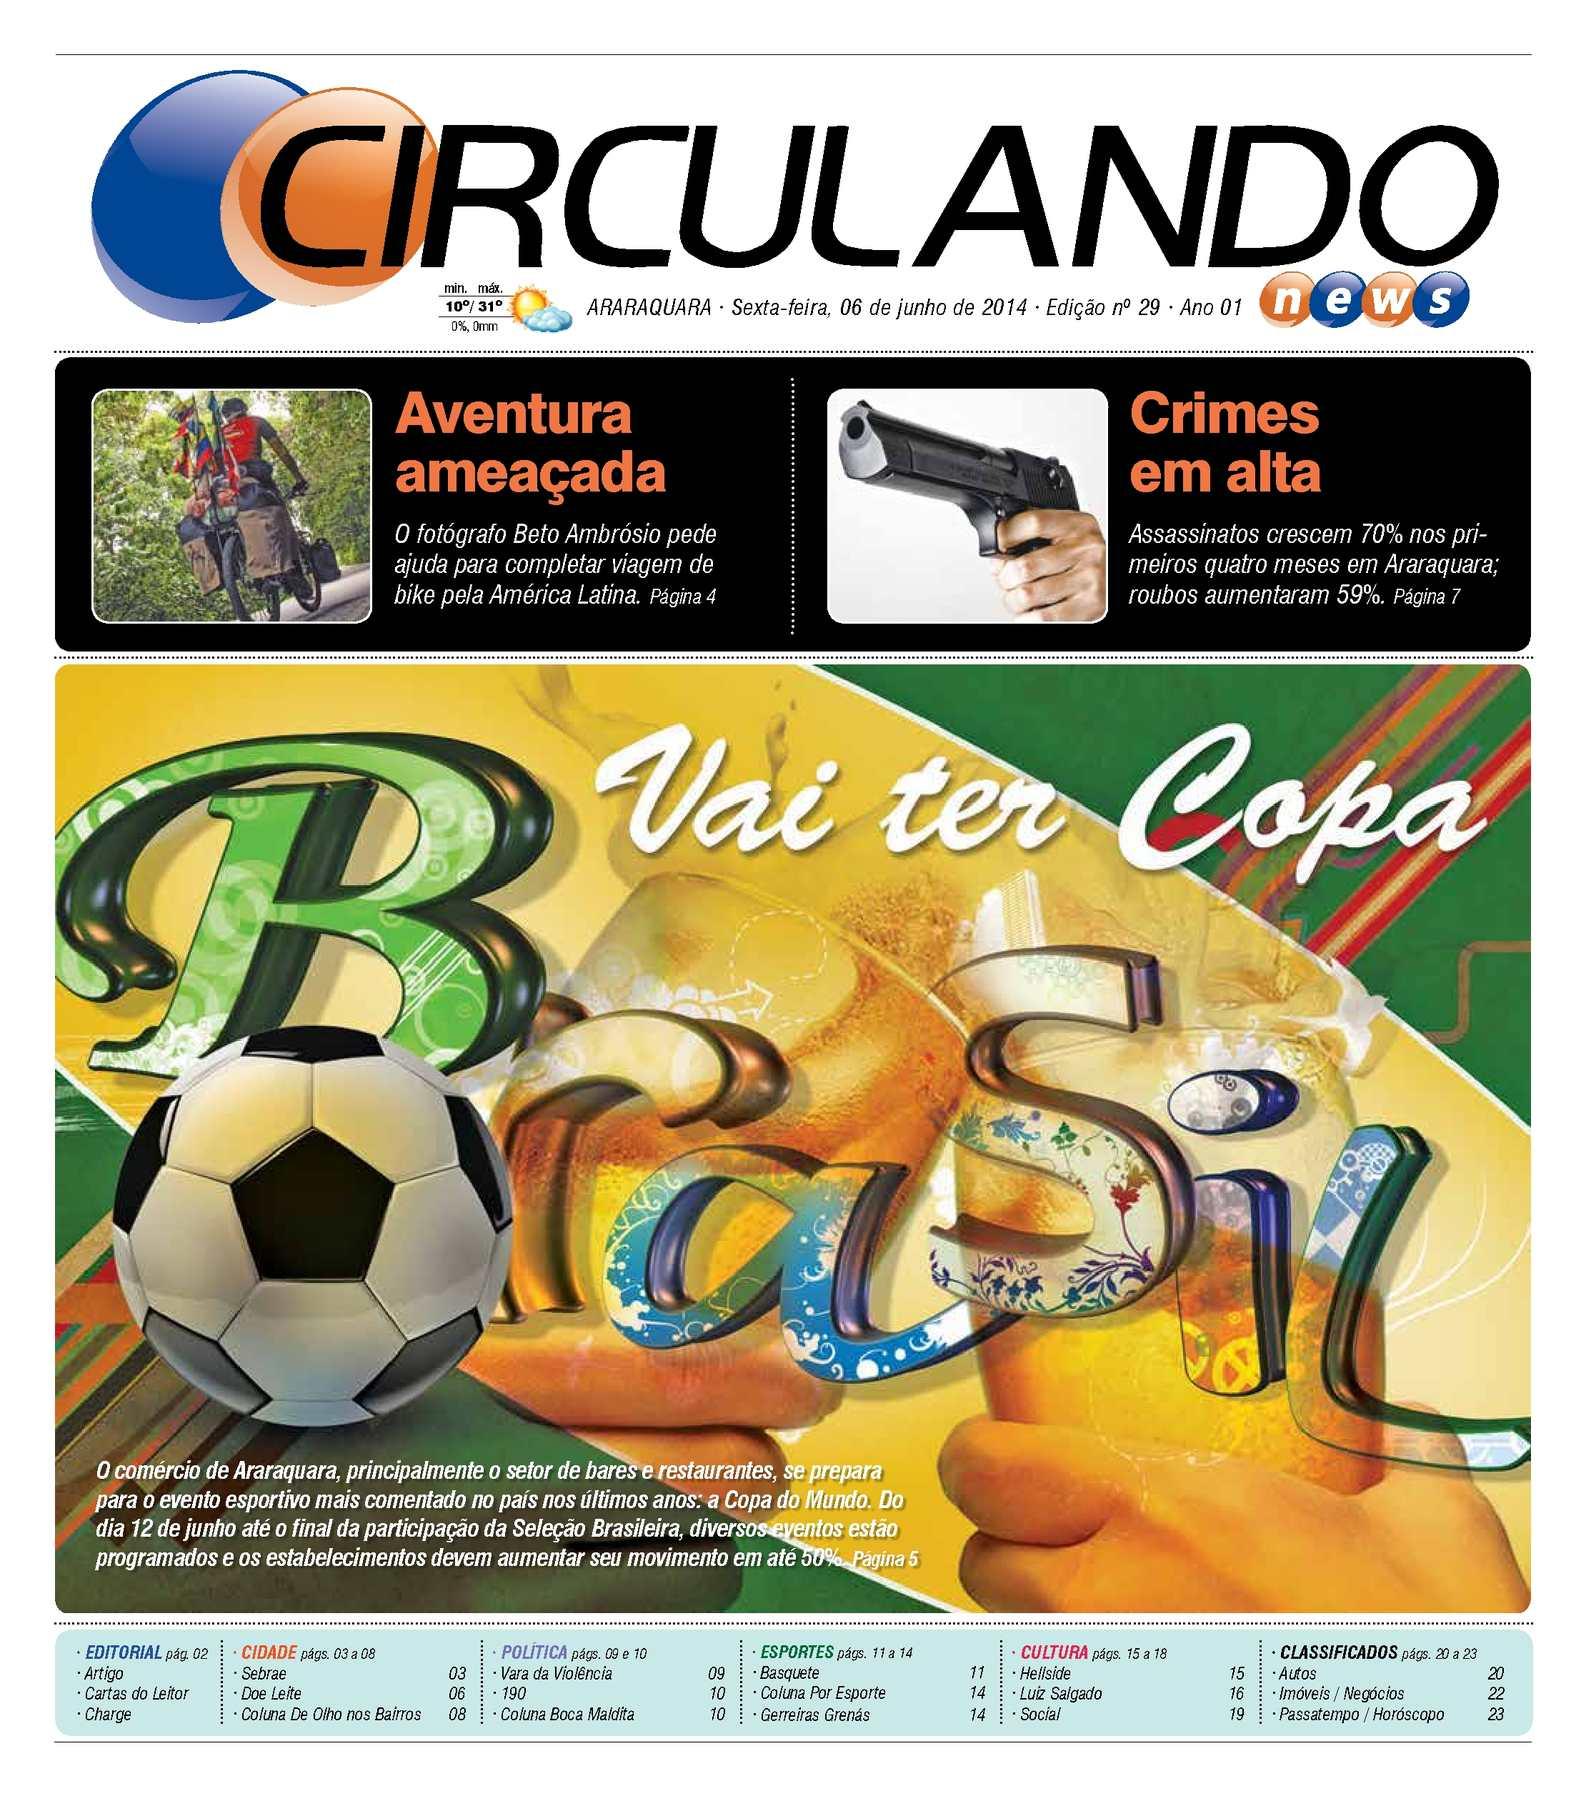 Calaméo - Circulando News 29 1dadef044c3d4